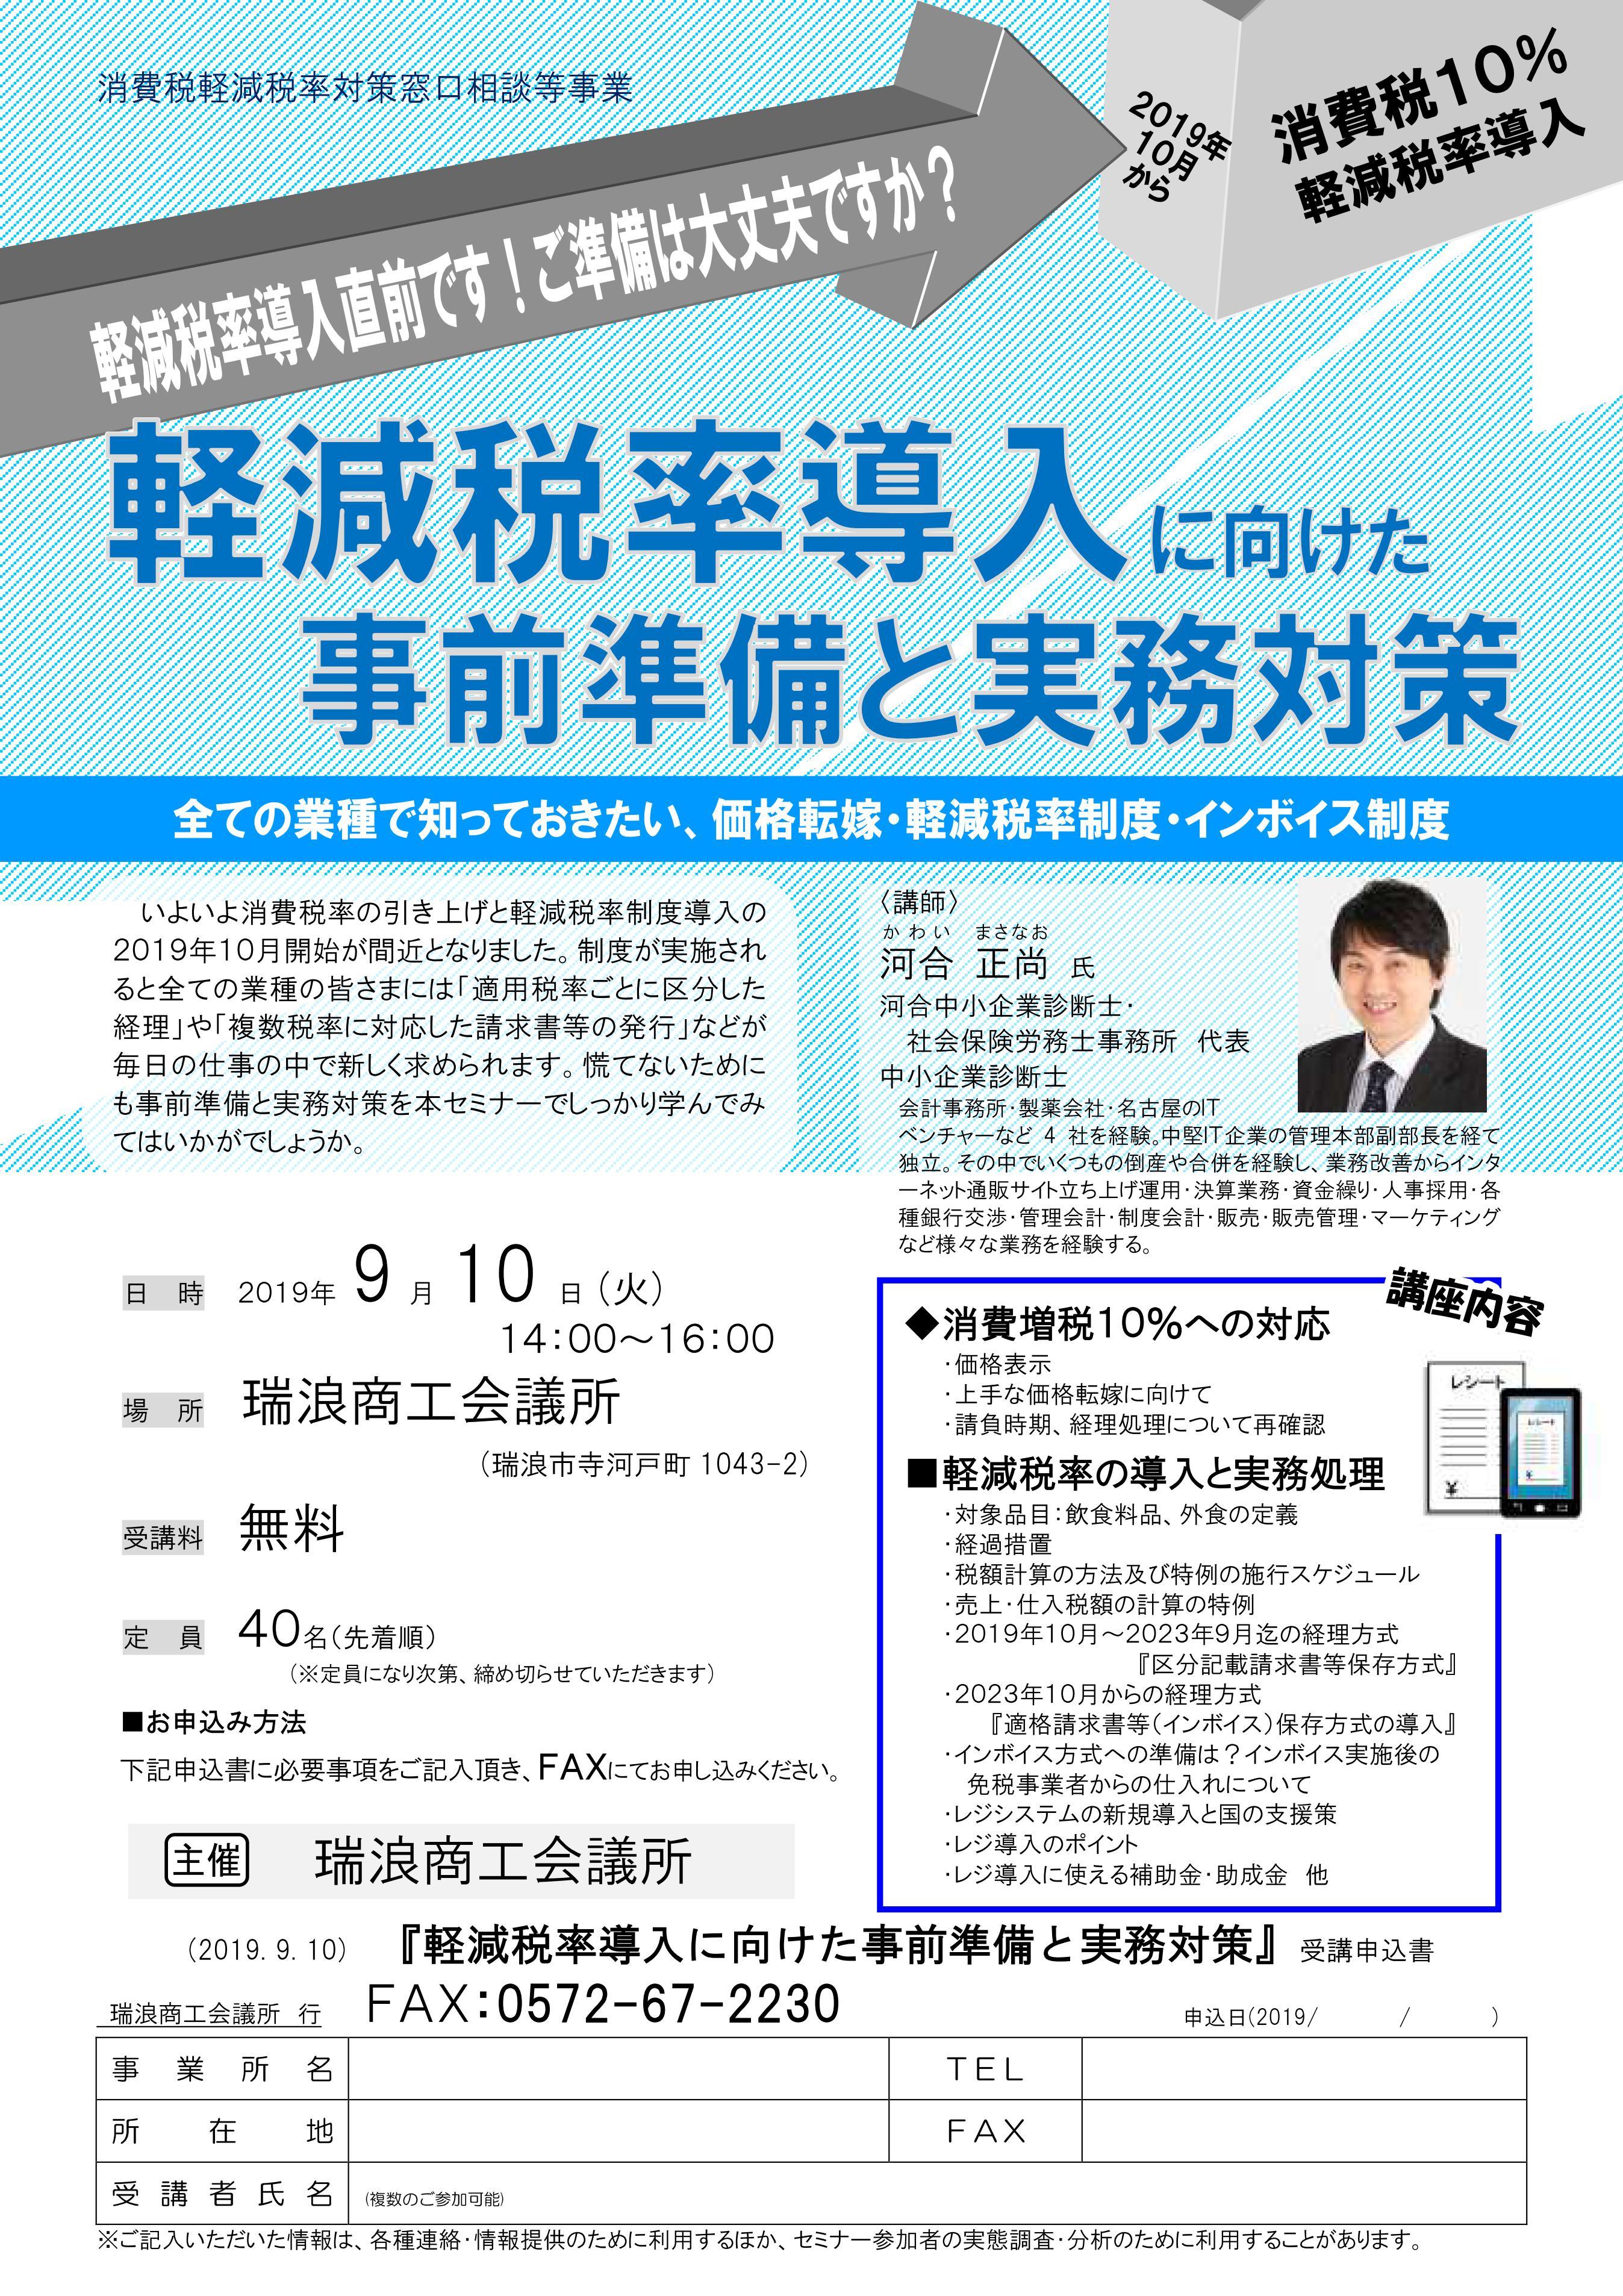 【セミナー】軽減税率導入に向けた事前準備と実務対策